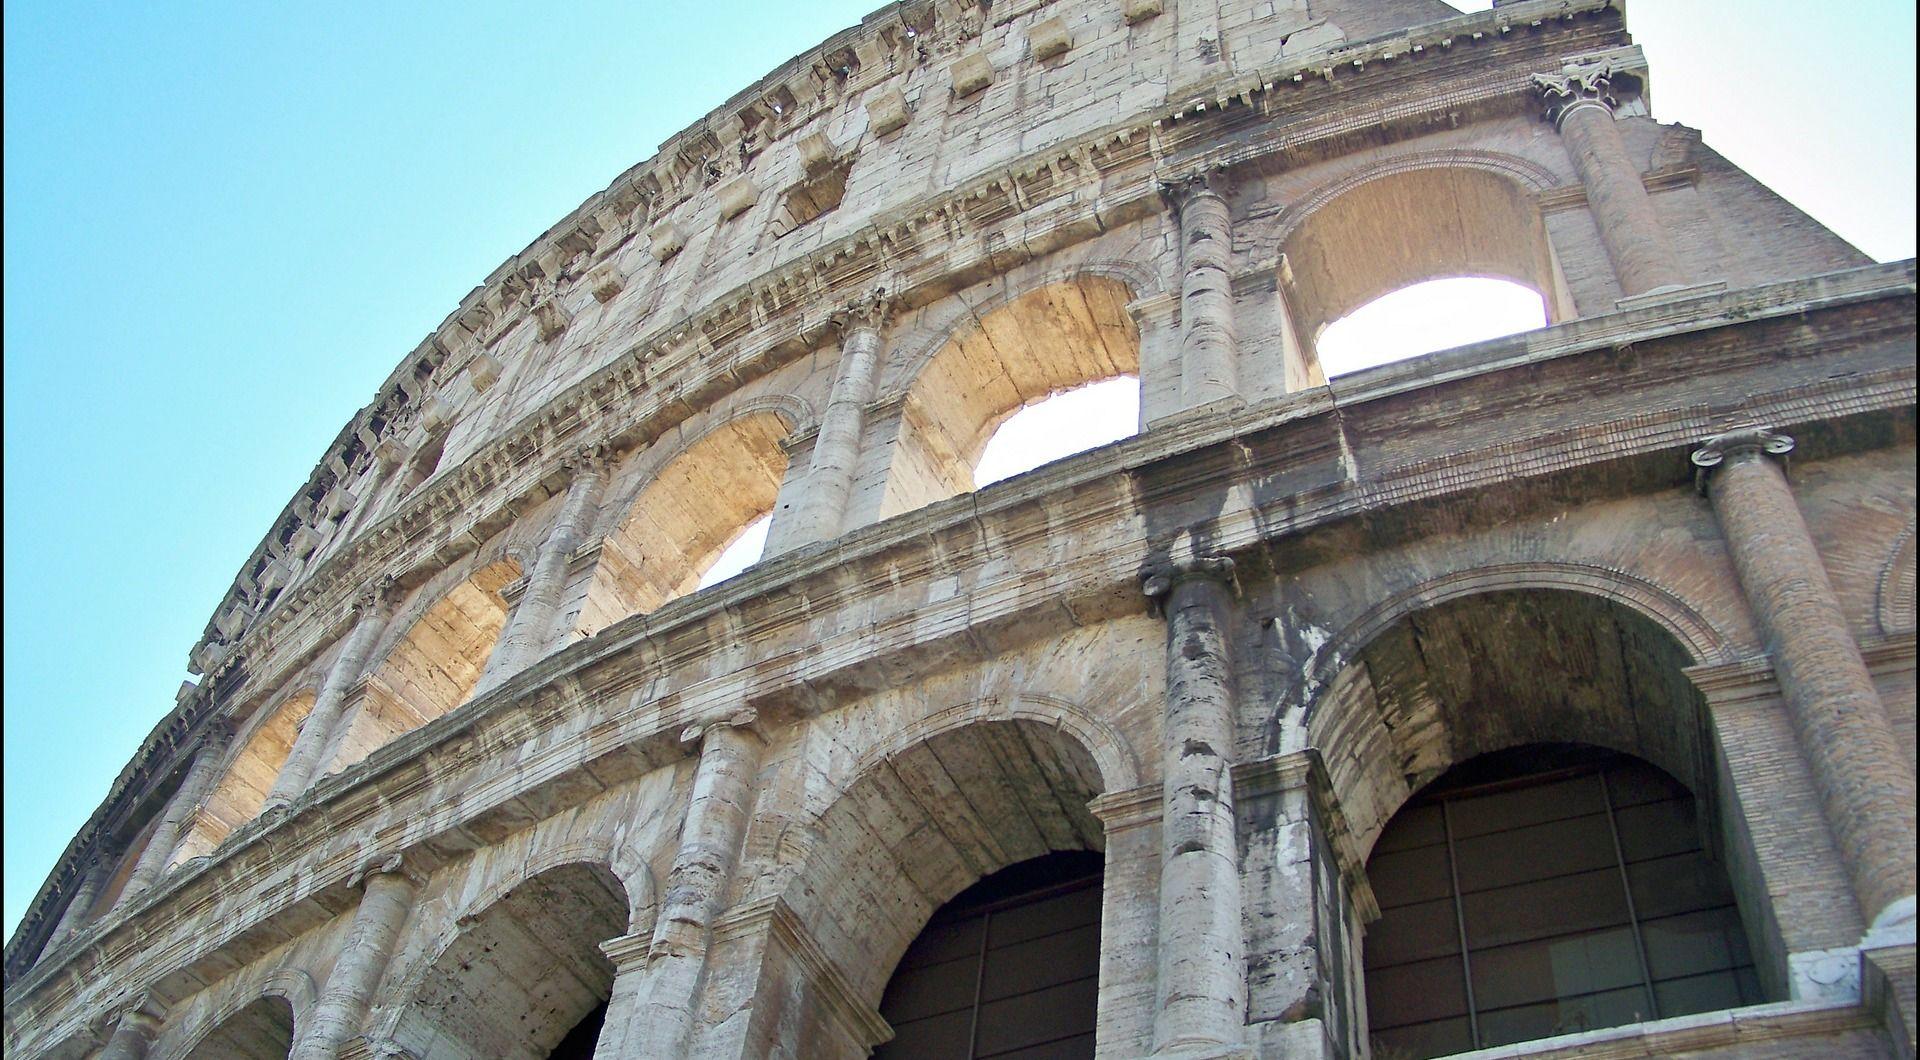 U Rim u sklopu izložbe 'ujahalo' 40 skulptura konja